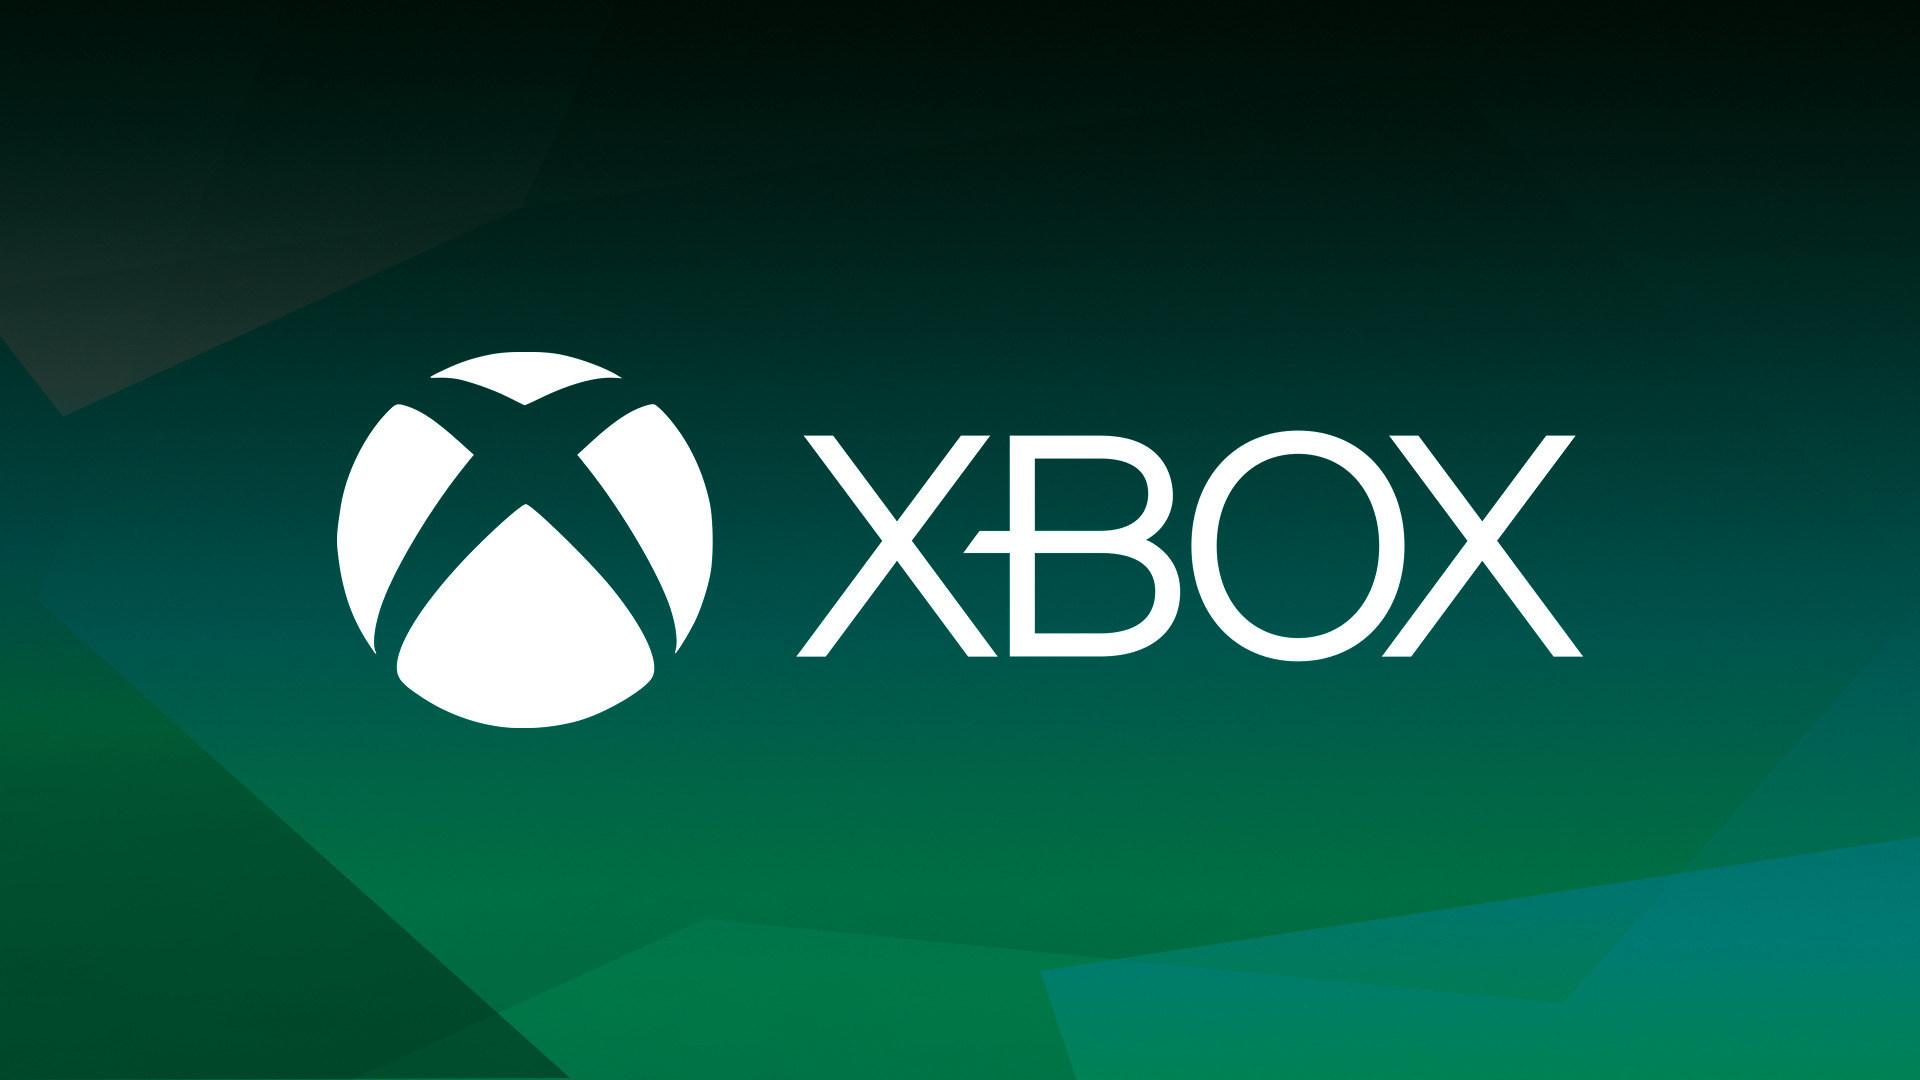 Microsoft, Gaming, Spiele, Konsole, Spielkonsole, Xbox, Xbox One, Spiel, Games, Konsolen, Spielekonsole, Spielekonsolen, Controller, Microsoft Xbox One, Xbox Series X, Xbox Live, Xbox One X, Xbox Series S, Microsoft Xbox Series X, Xbox Game Pass, Xbox Controller, Microsoft Xbox One X, Microsoft Xbox, Xbox Game Pass Ultimate